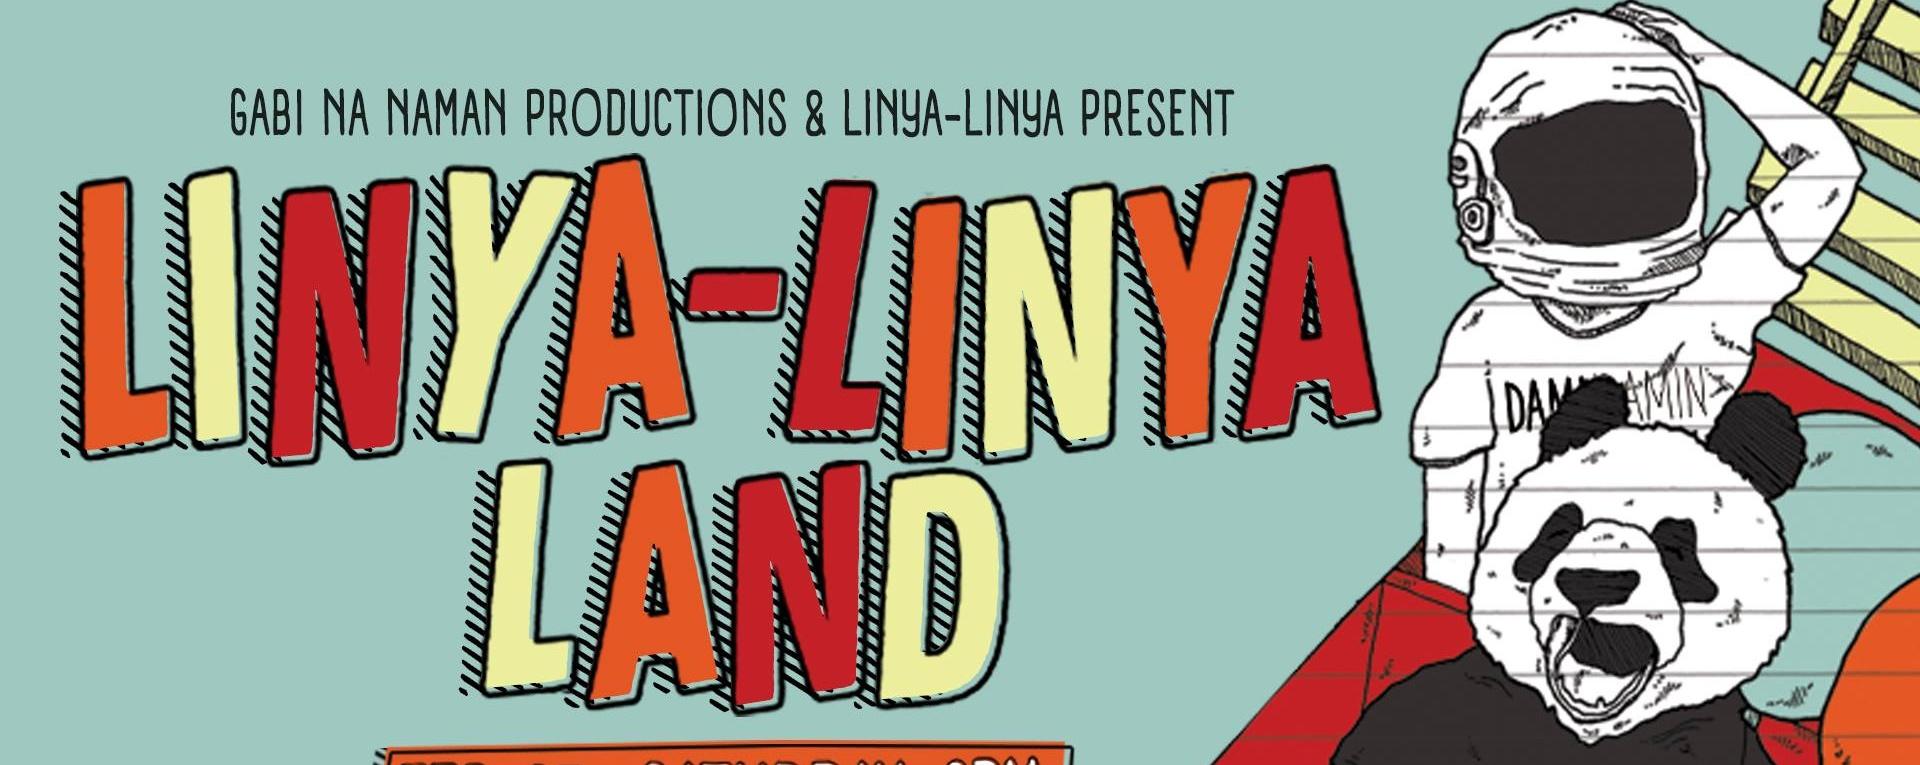 Linya-Linya Land